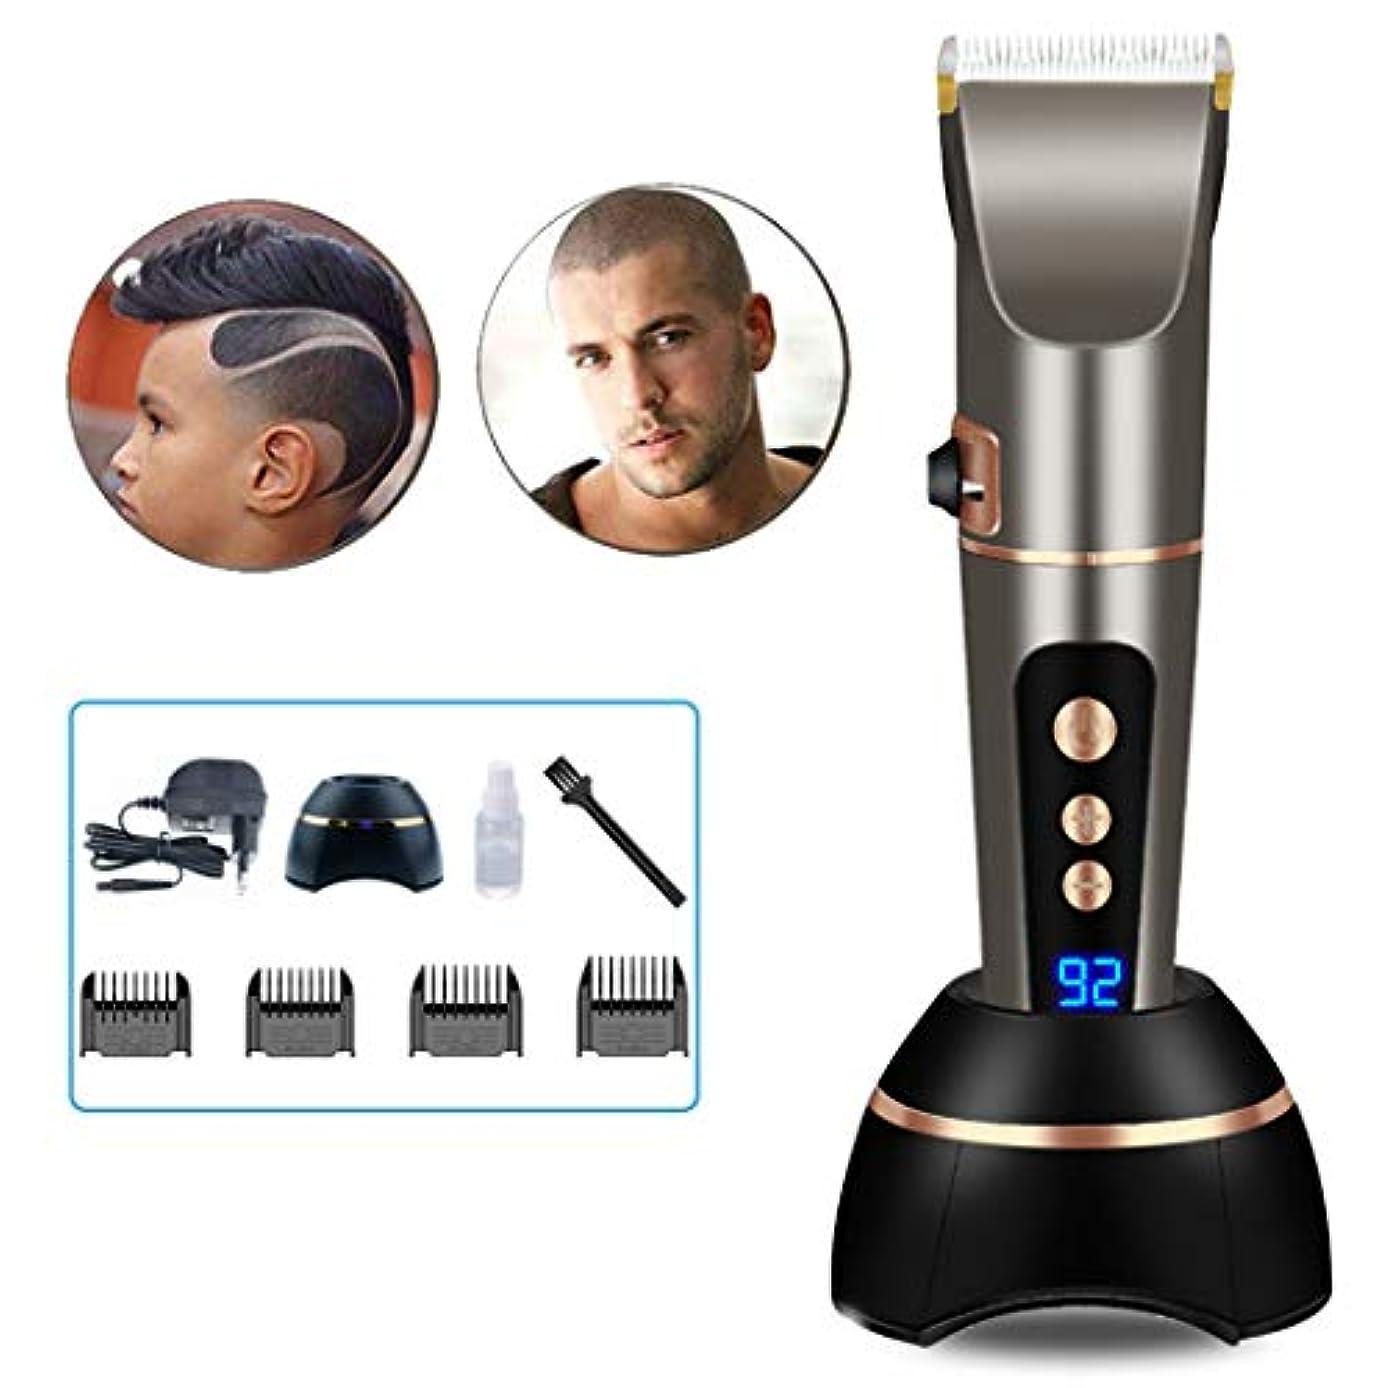 言及するシェード下向き男性プロフェッショナル向けのバリカン、LEDディスプレイトリマーメンズビアードトリマーヘッドシェーバー毎日のホームヘア用バリカン